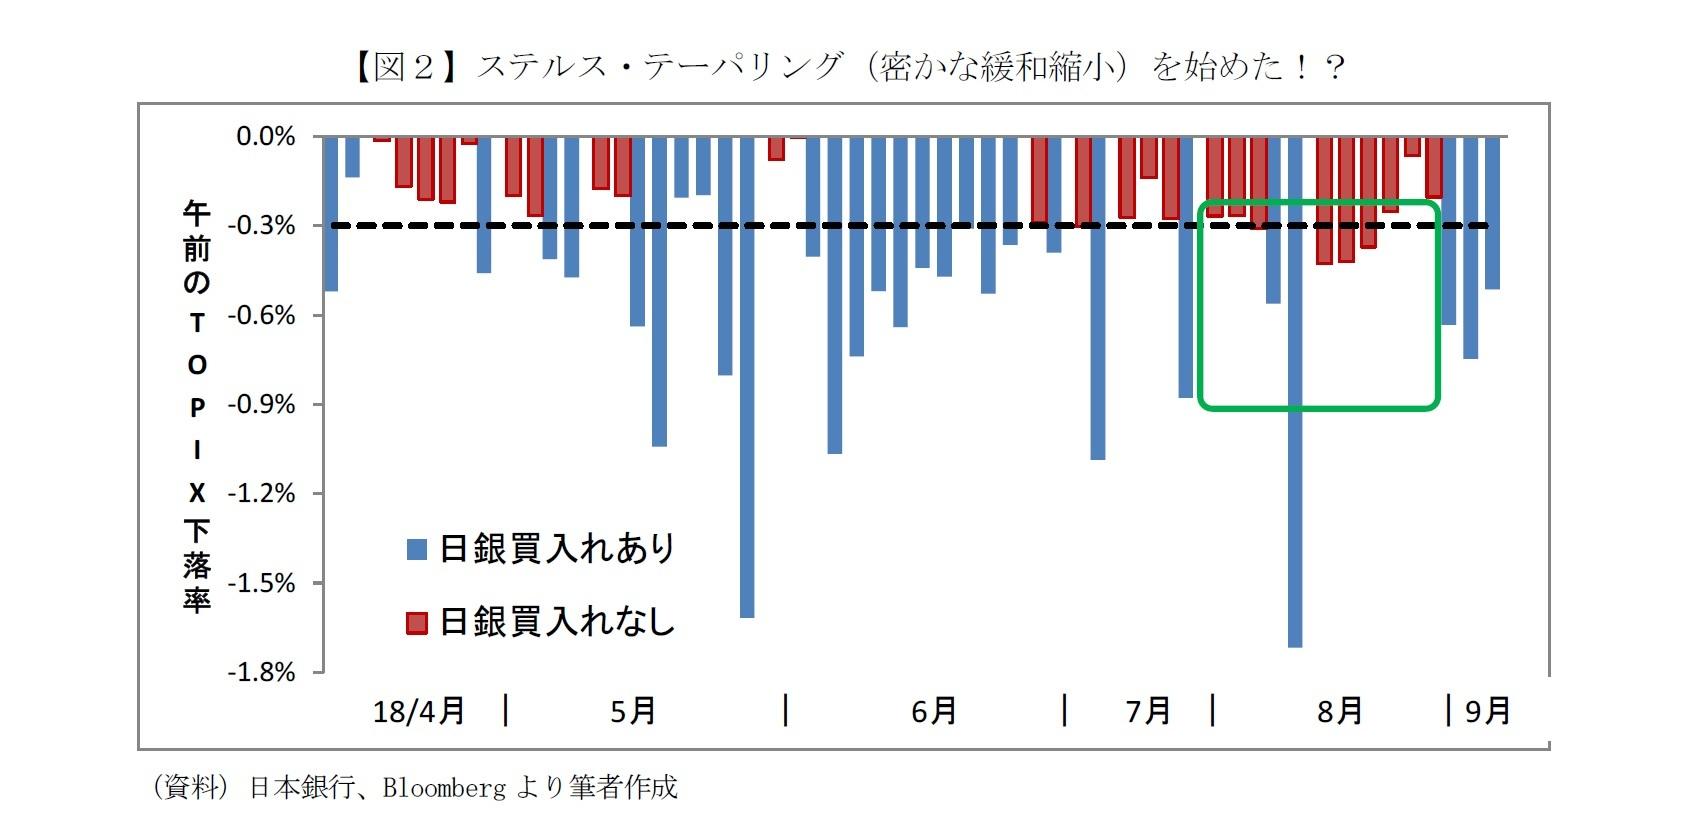 【図2】ステルス・テーパリング(密かな緩和縮小)を始めた!?